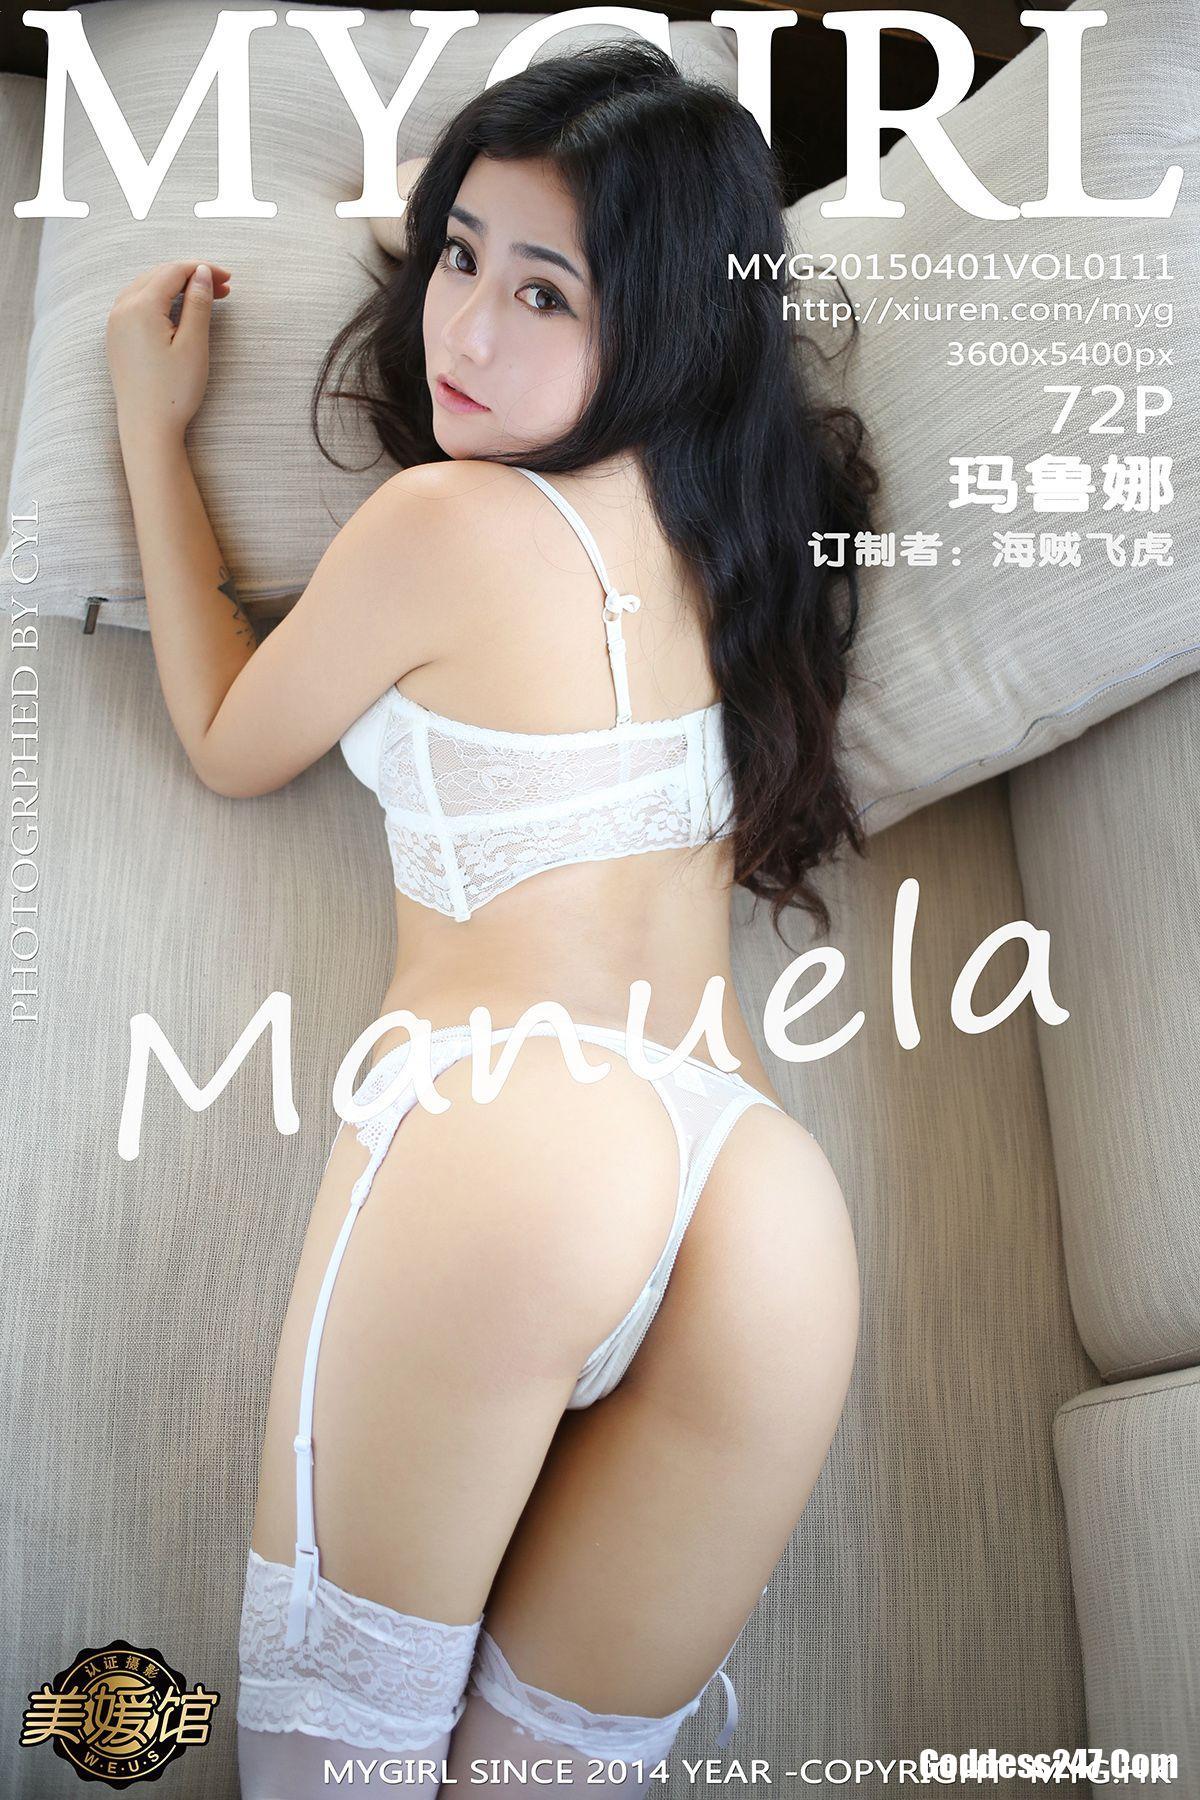 MyGirl Vol.111 Manuela玛鲁娜